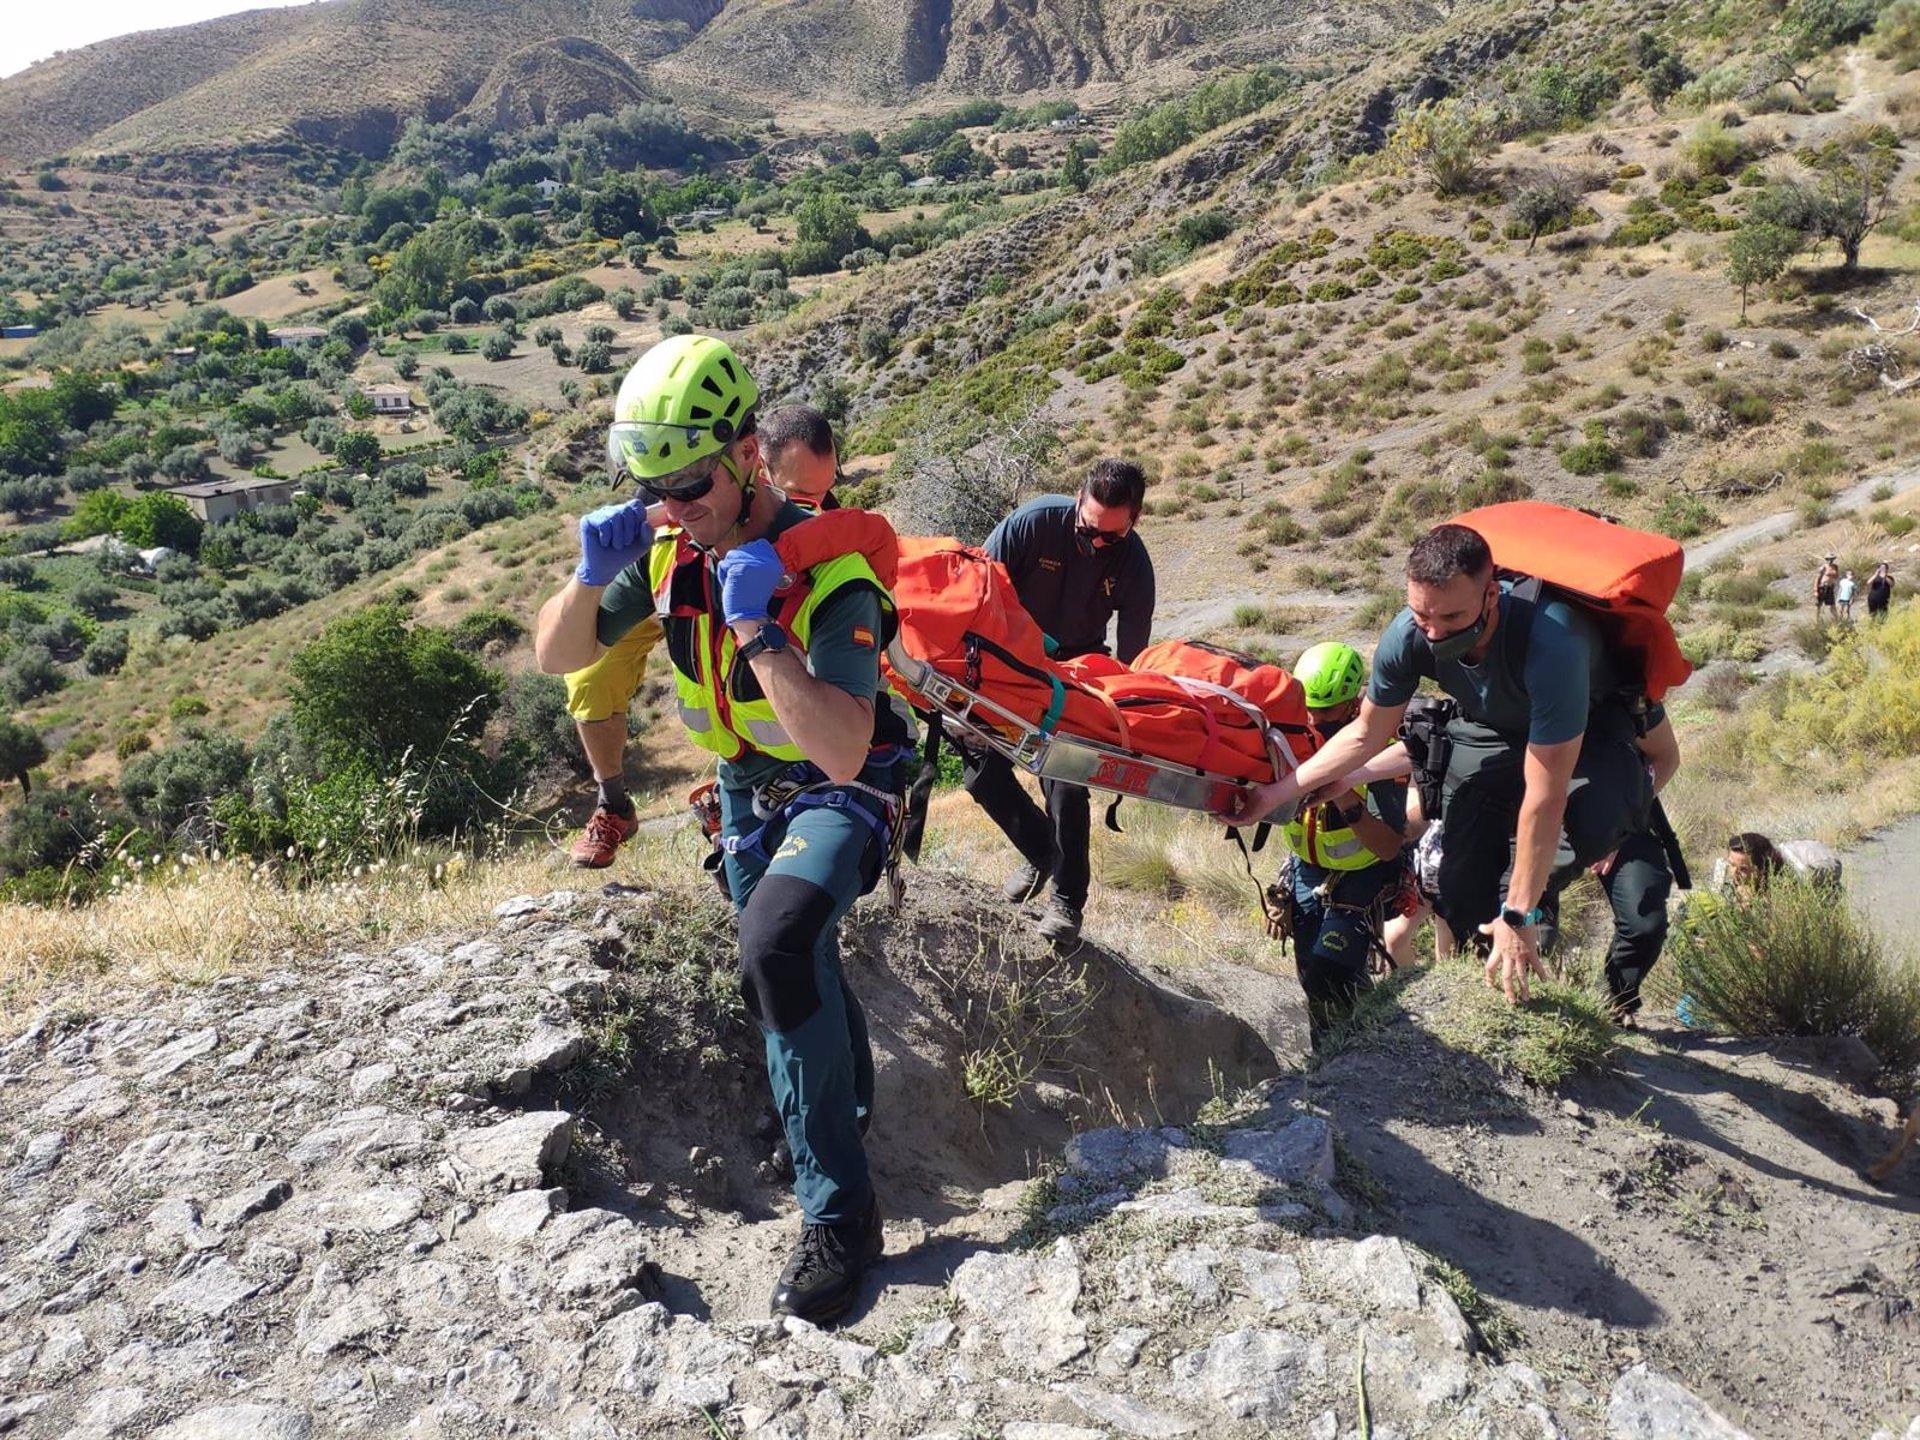 La Guardia Civil realiza en los últimos días cinco rescates en montaña, con dos heridos graves